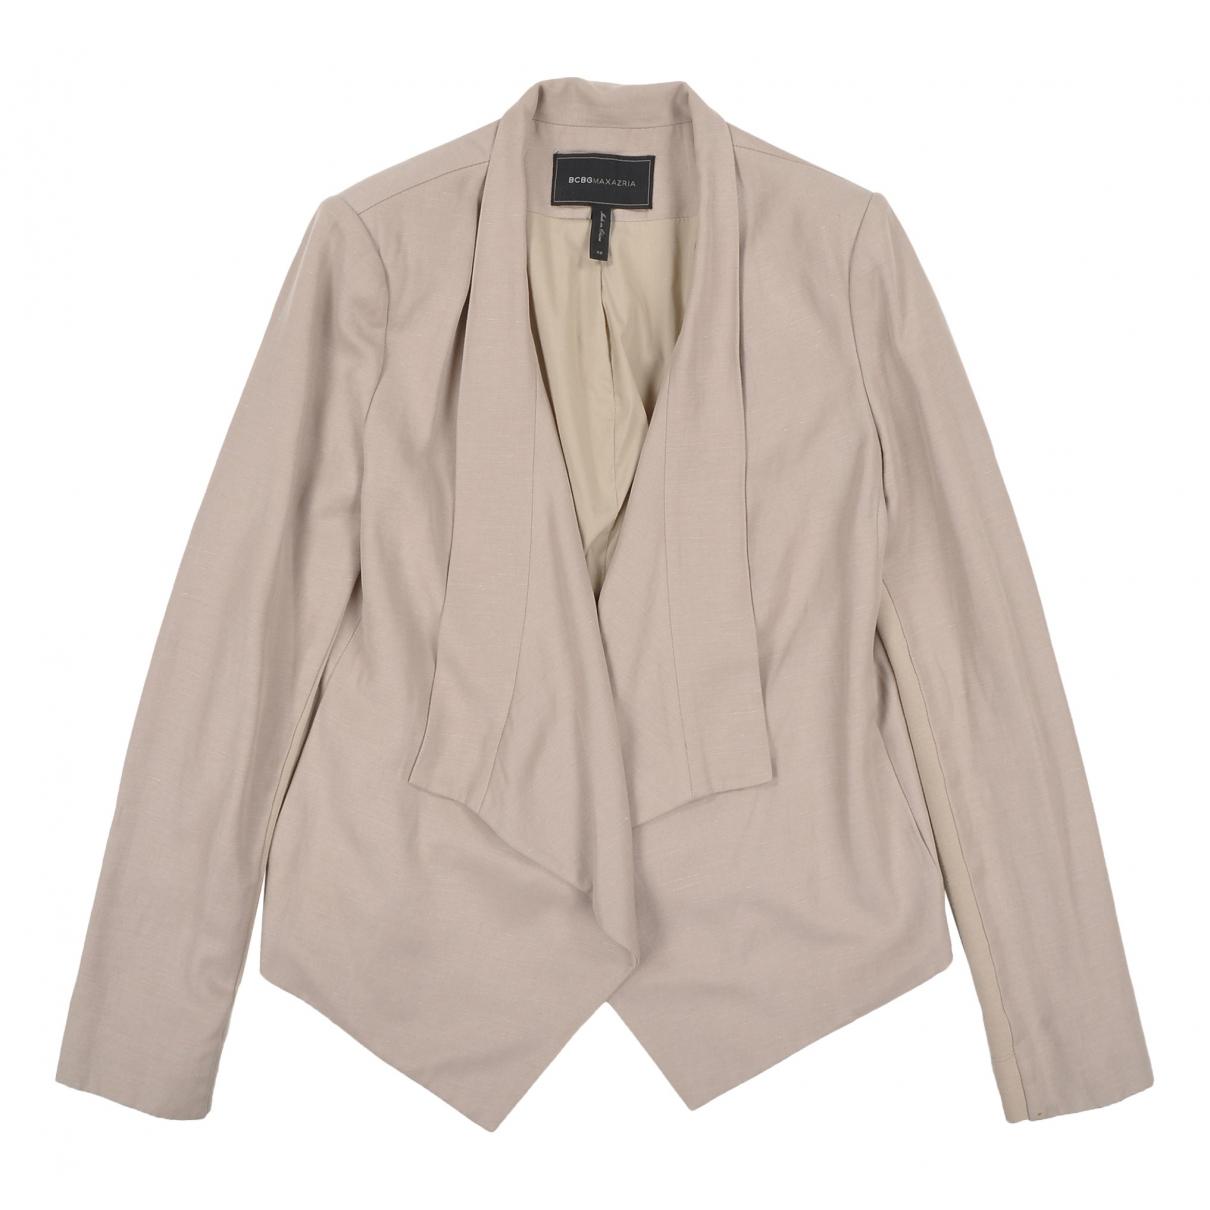 Bcbg Max Azria - Veste   pour femme en lin - beige